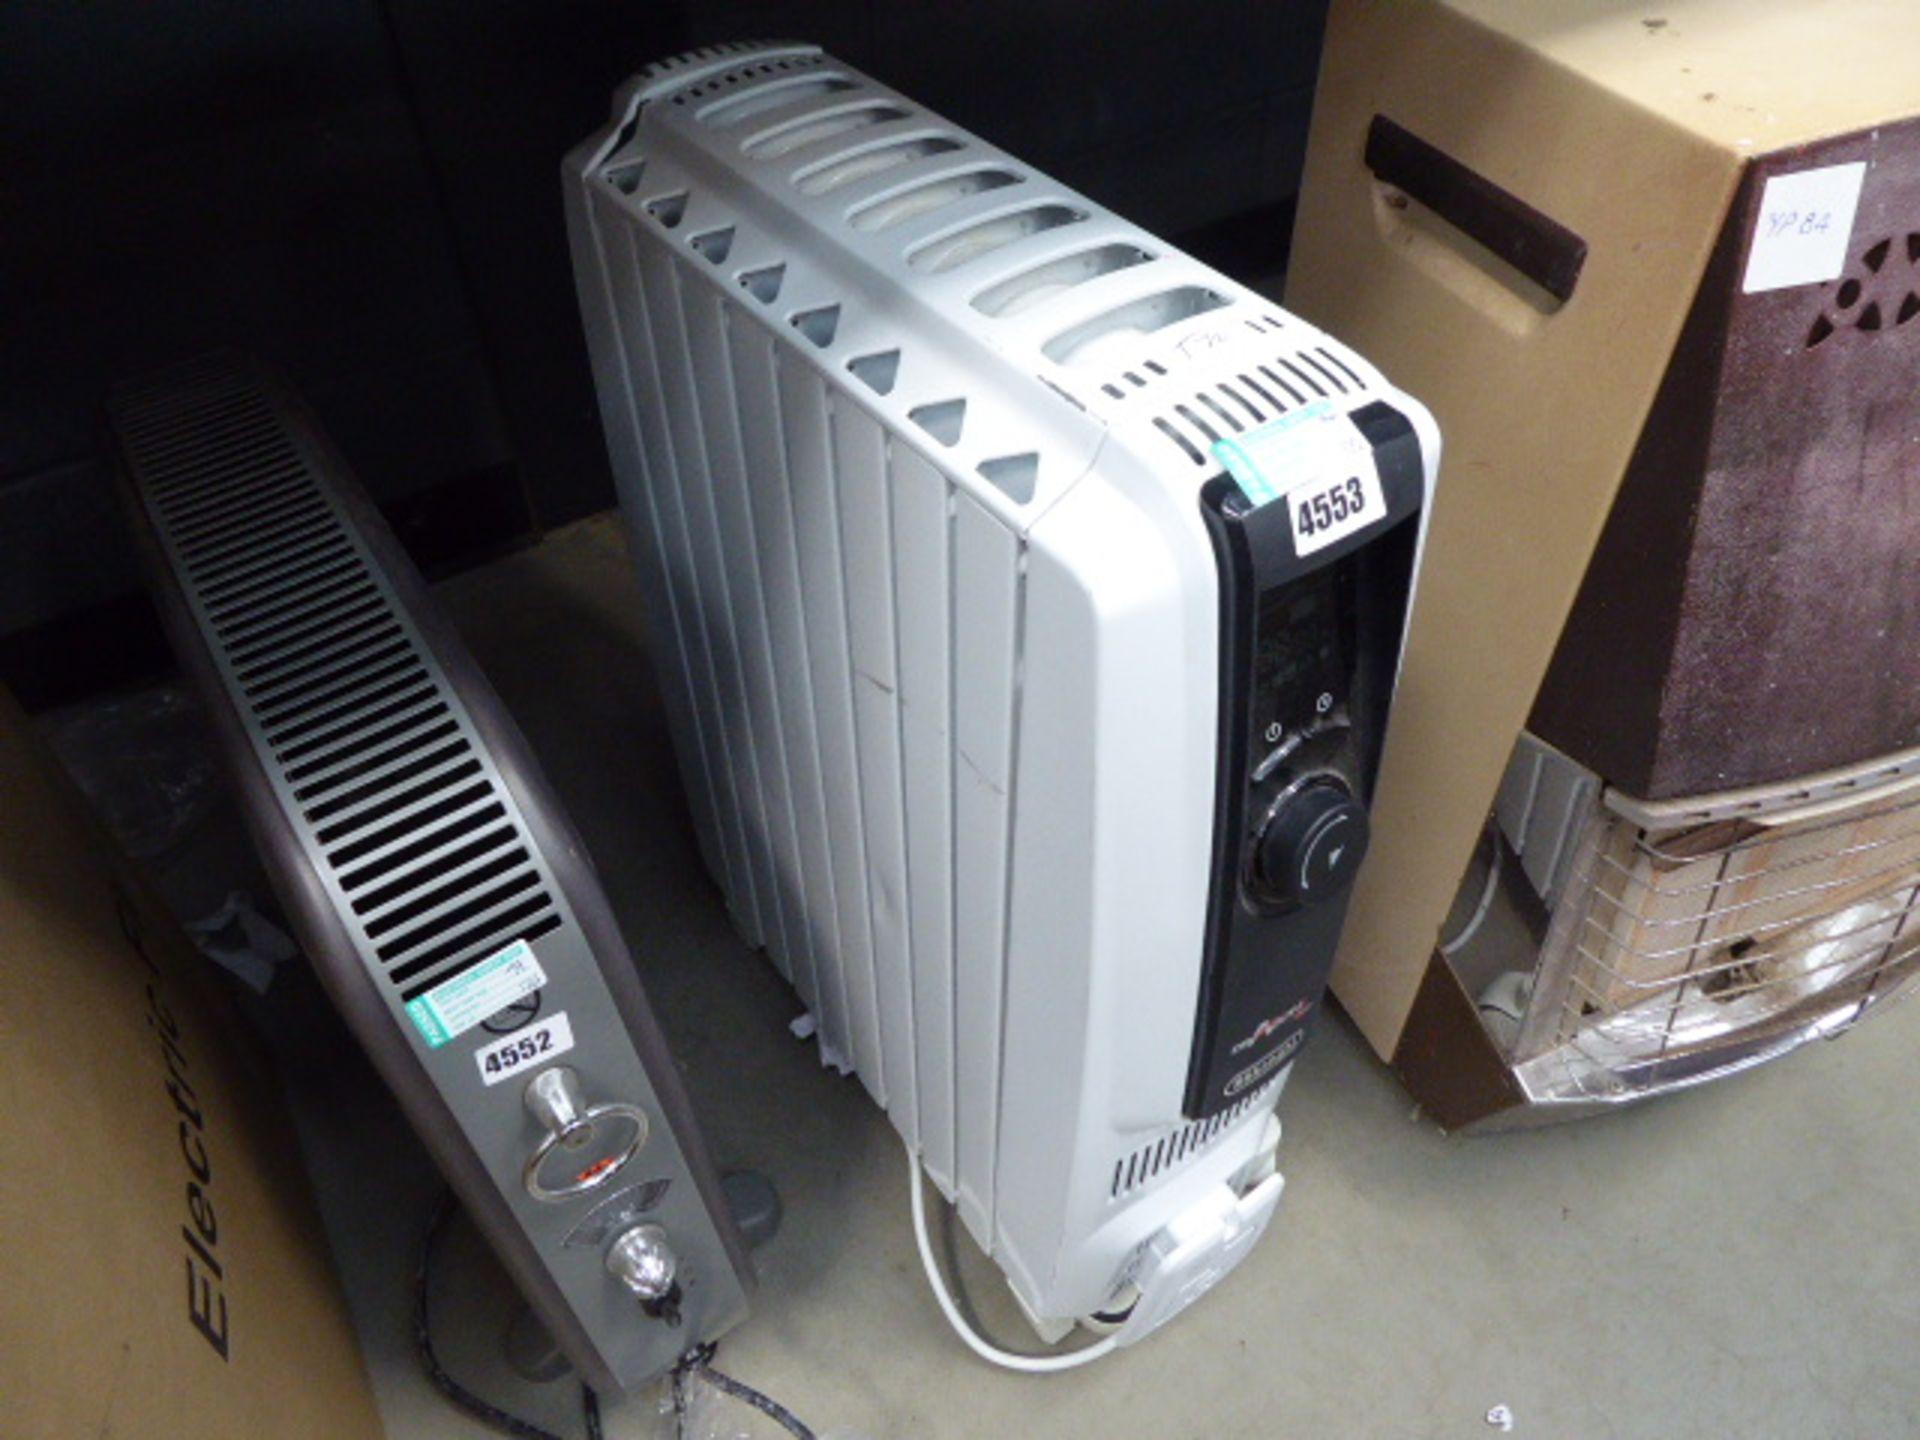 Lot 4553 - Delonghe oil filled radiator